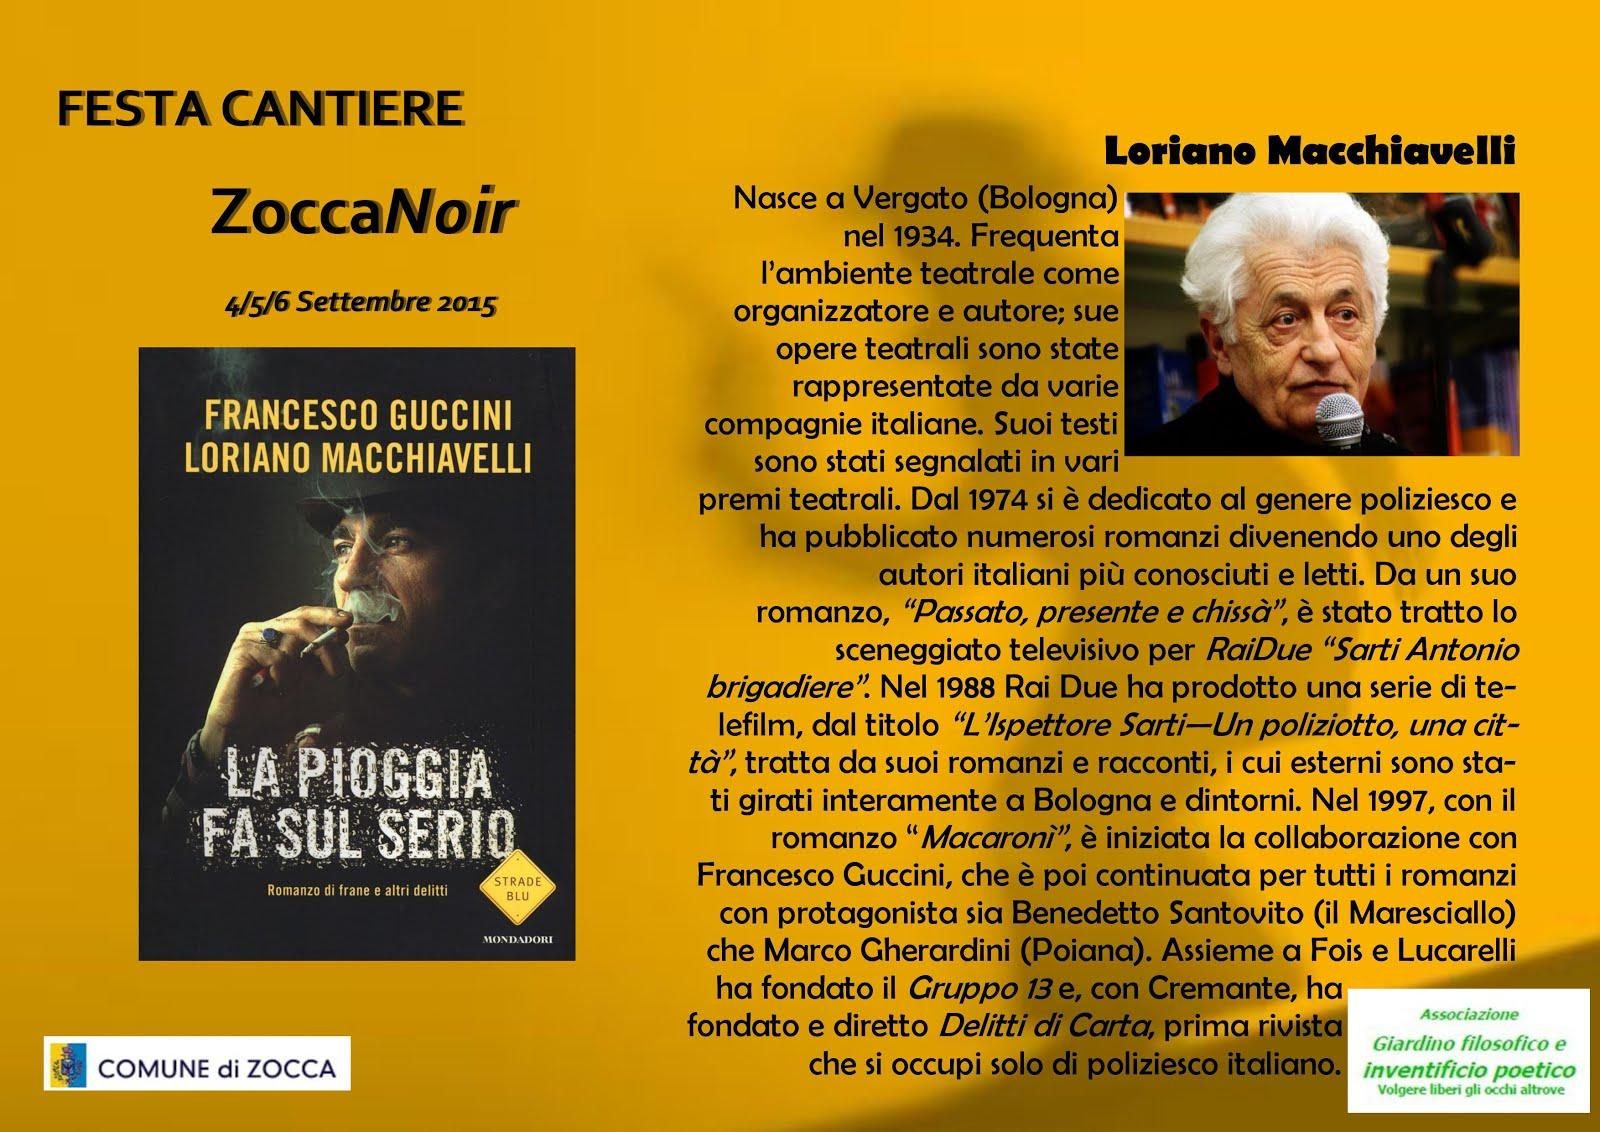 Biografia Loriano Macchiavelli